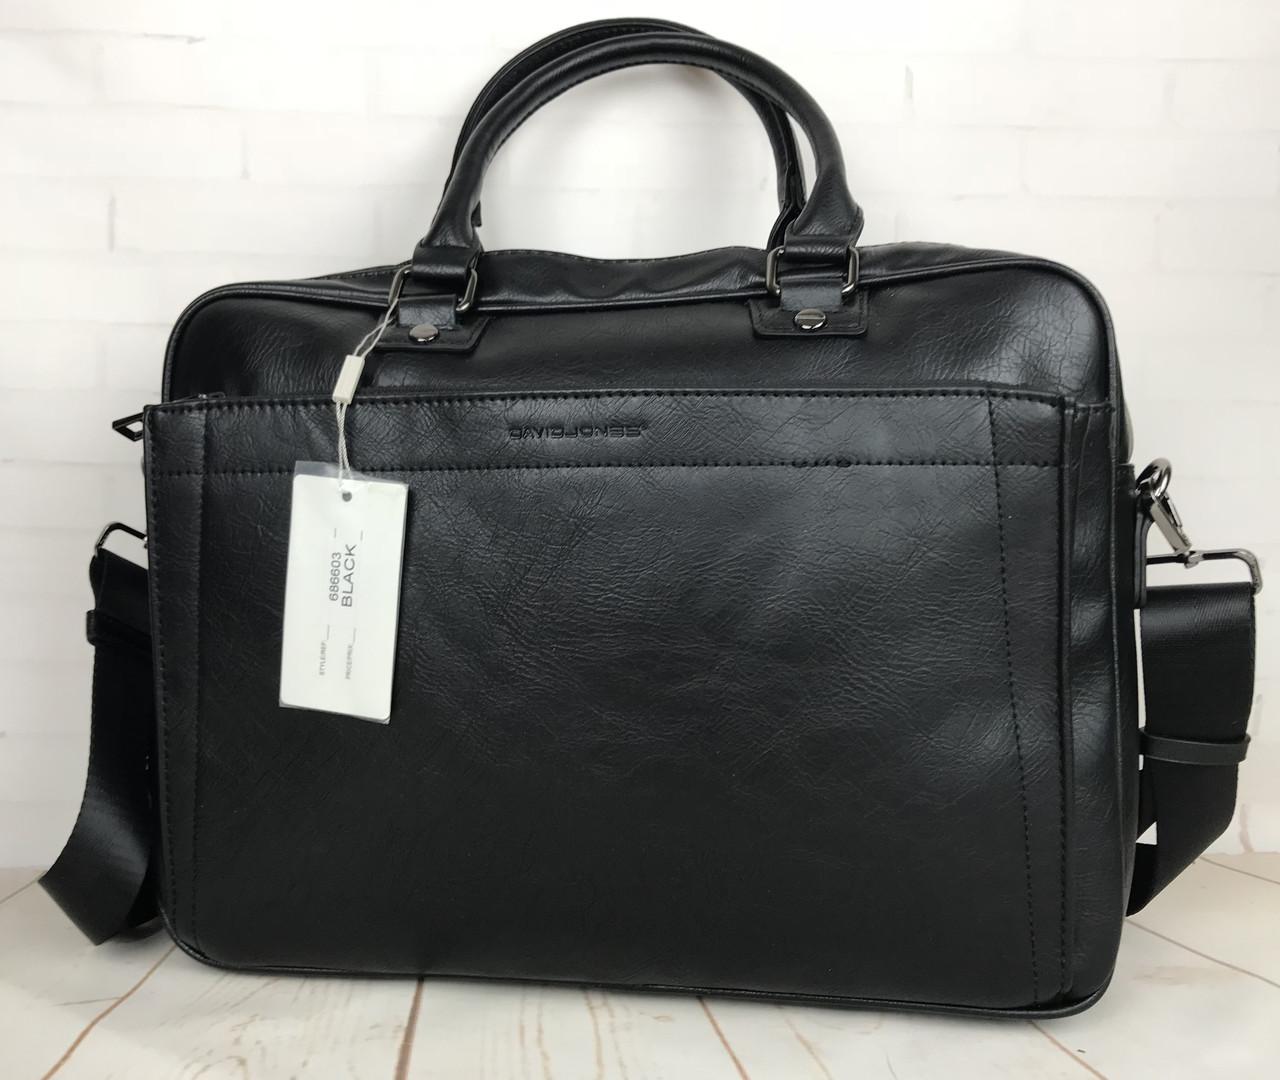 18fc5cd0 Красивая мужская сумка-портфель для документов David Jones. КС94 -  интернет-магазин